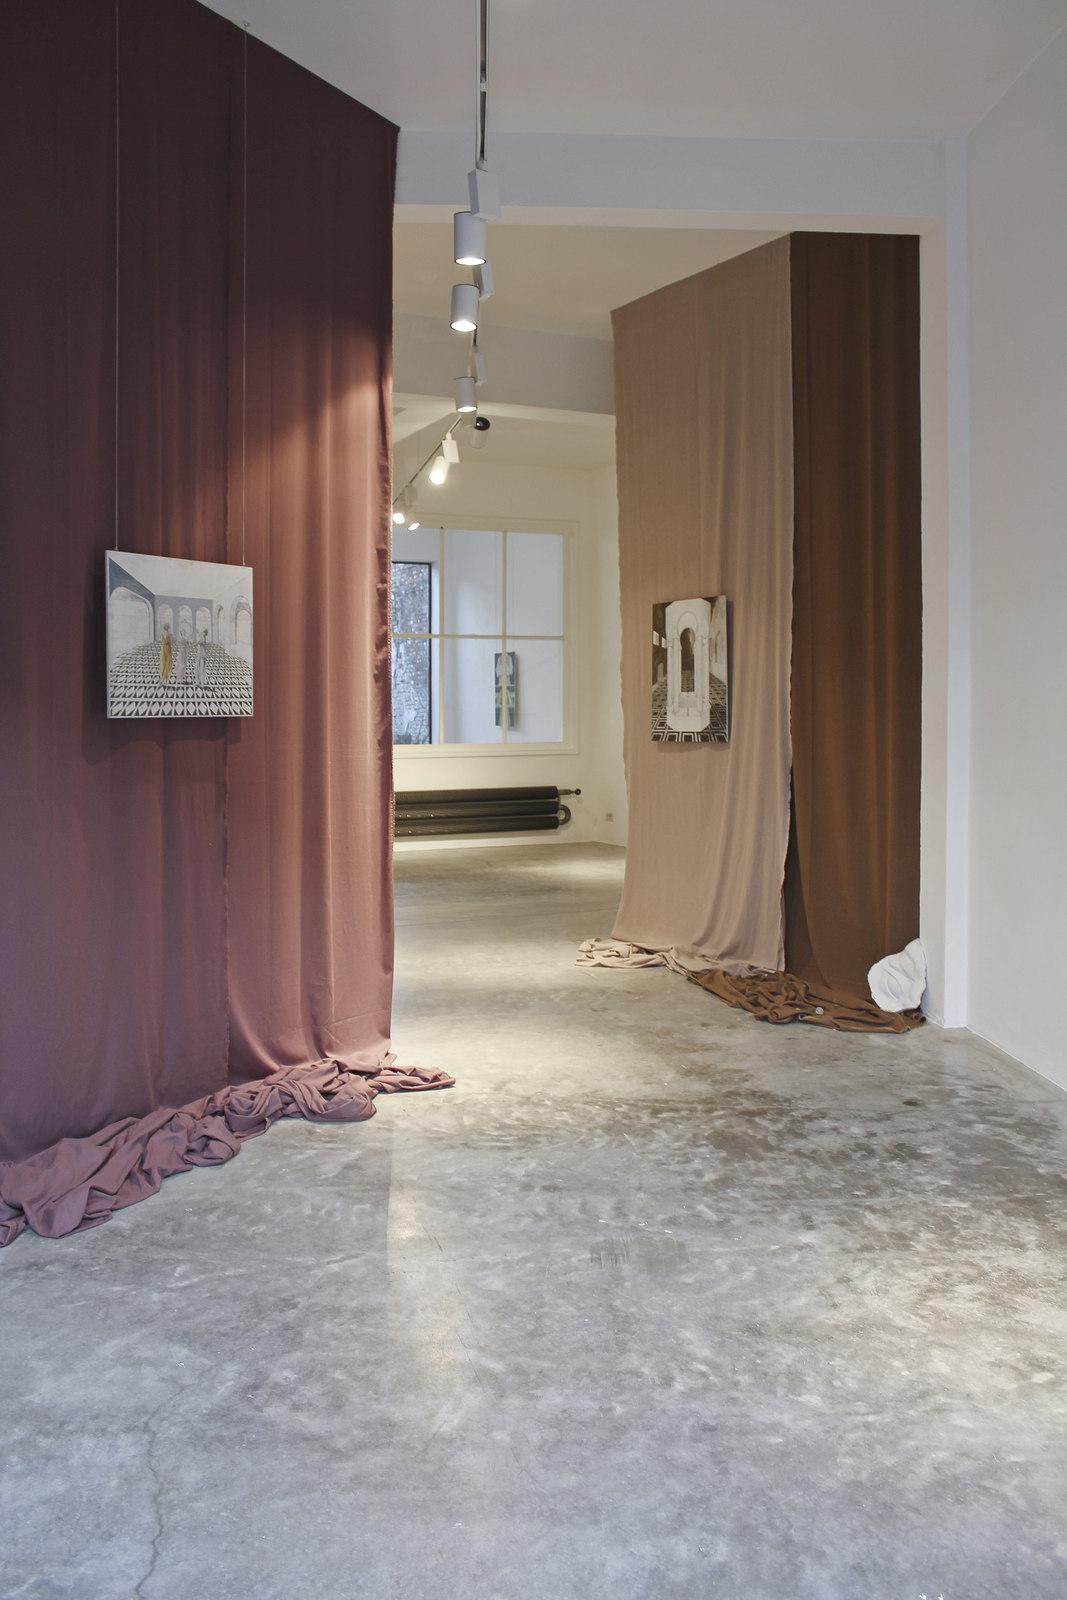 Federico Acal & Liesbeth Doms at DMW Art Space 01